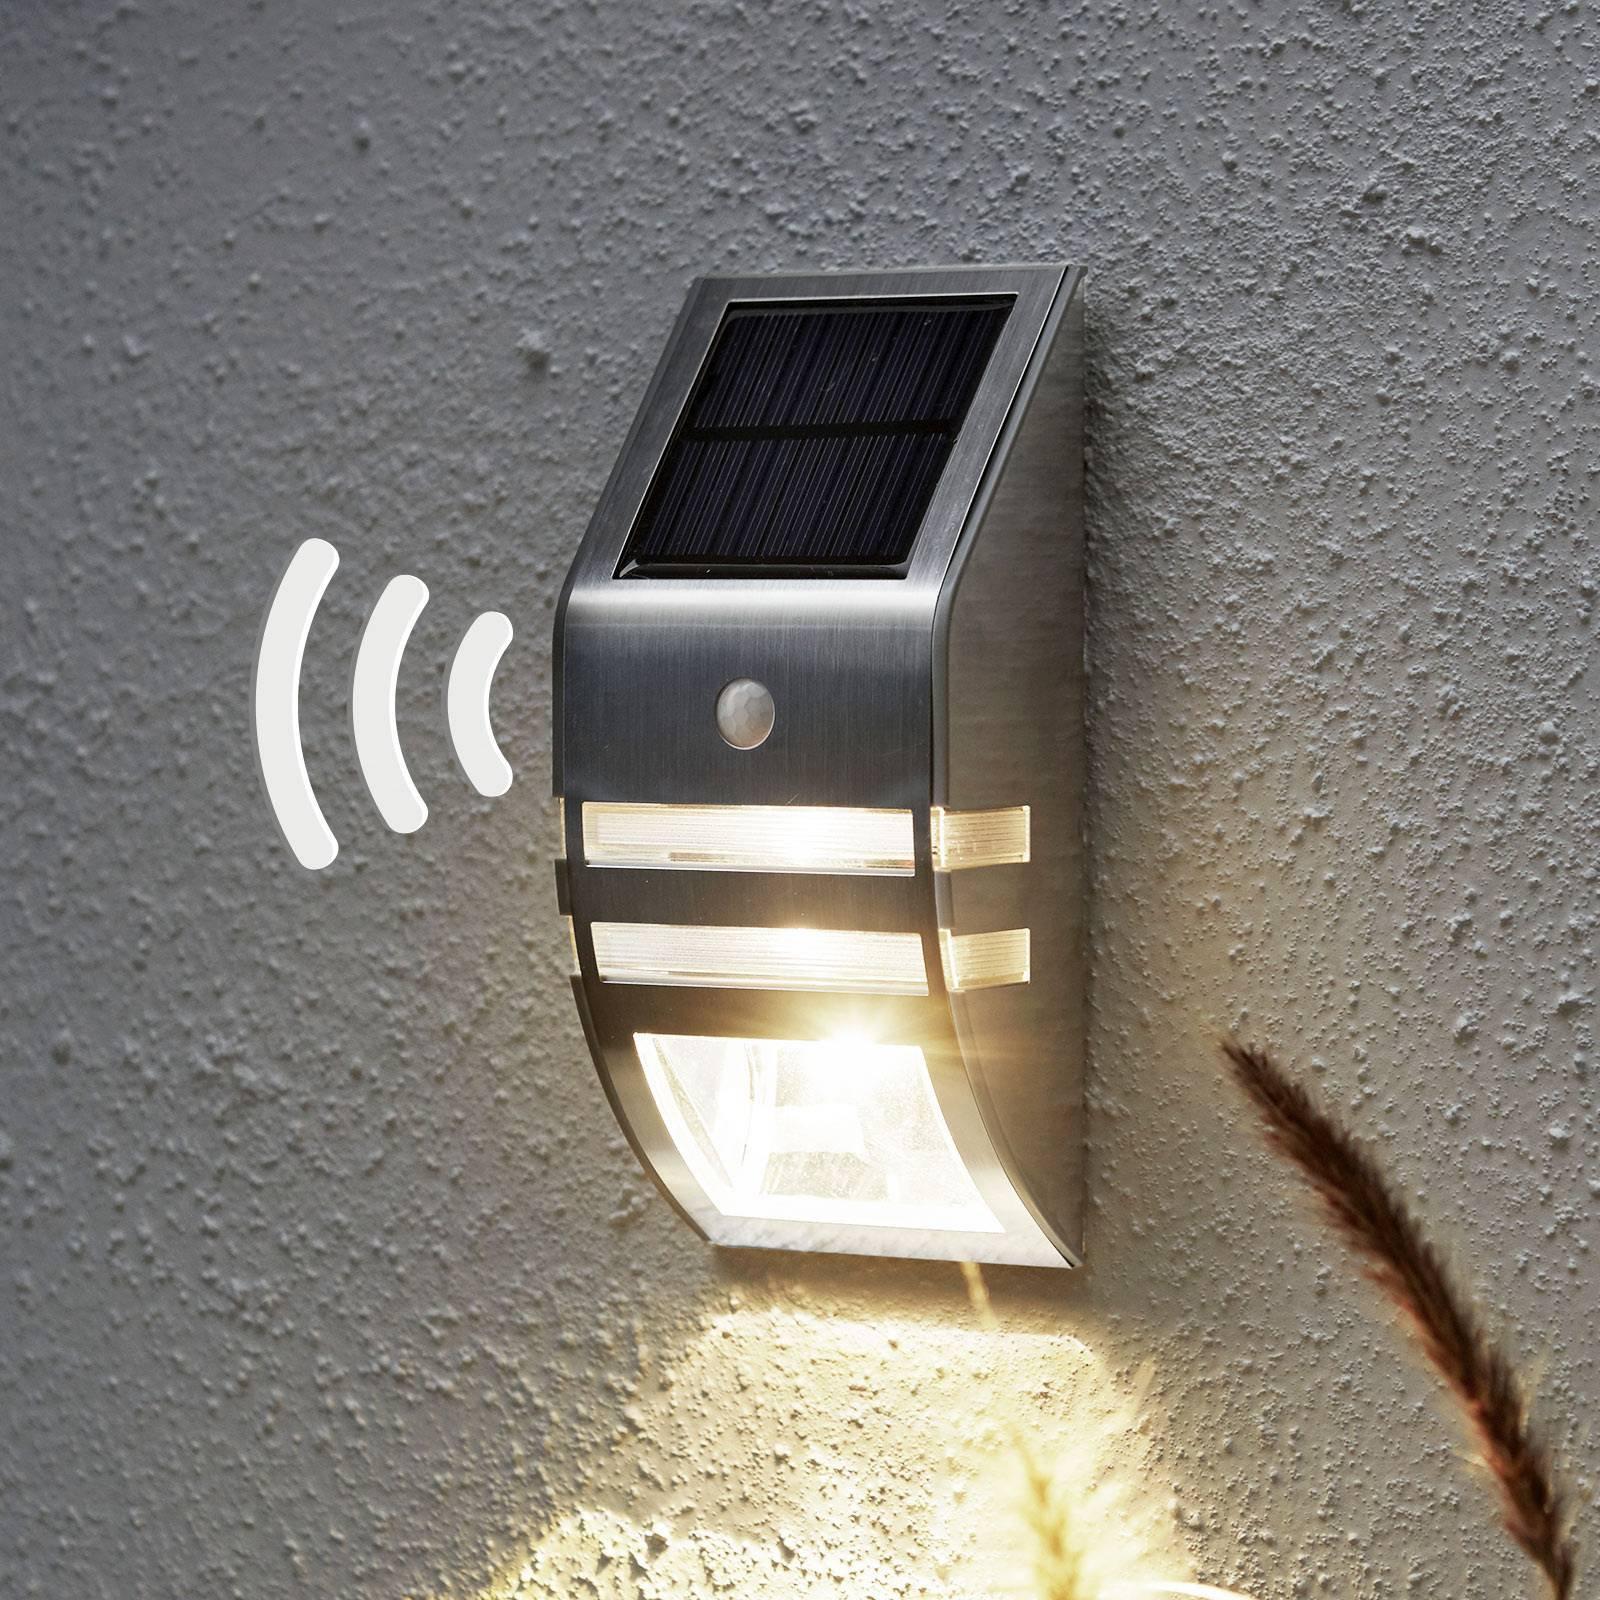 Soldrevet LED-vegglampe Wally bevegelsessensor